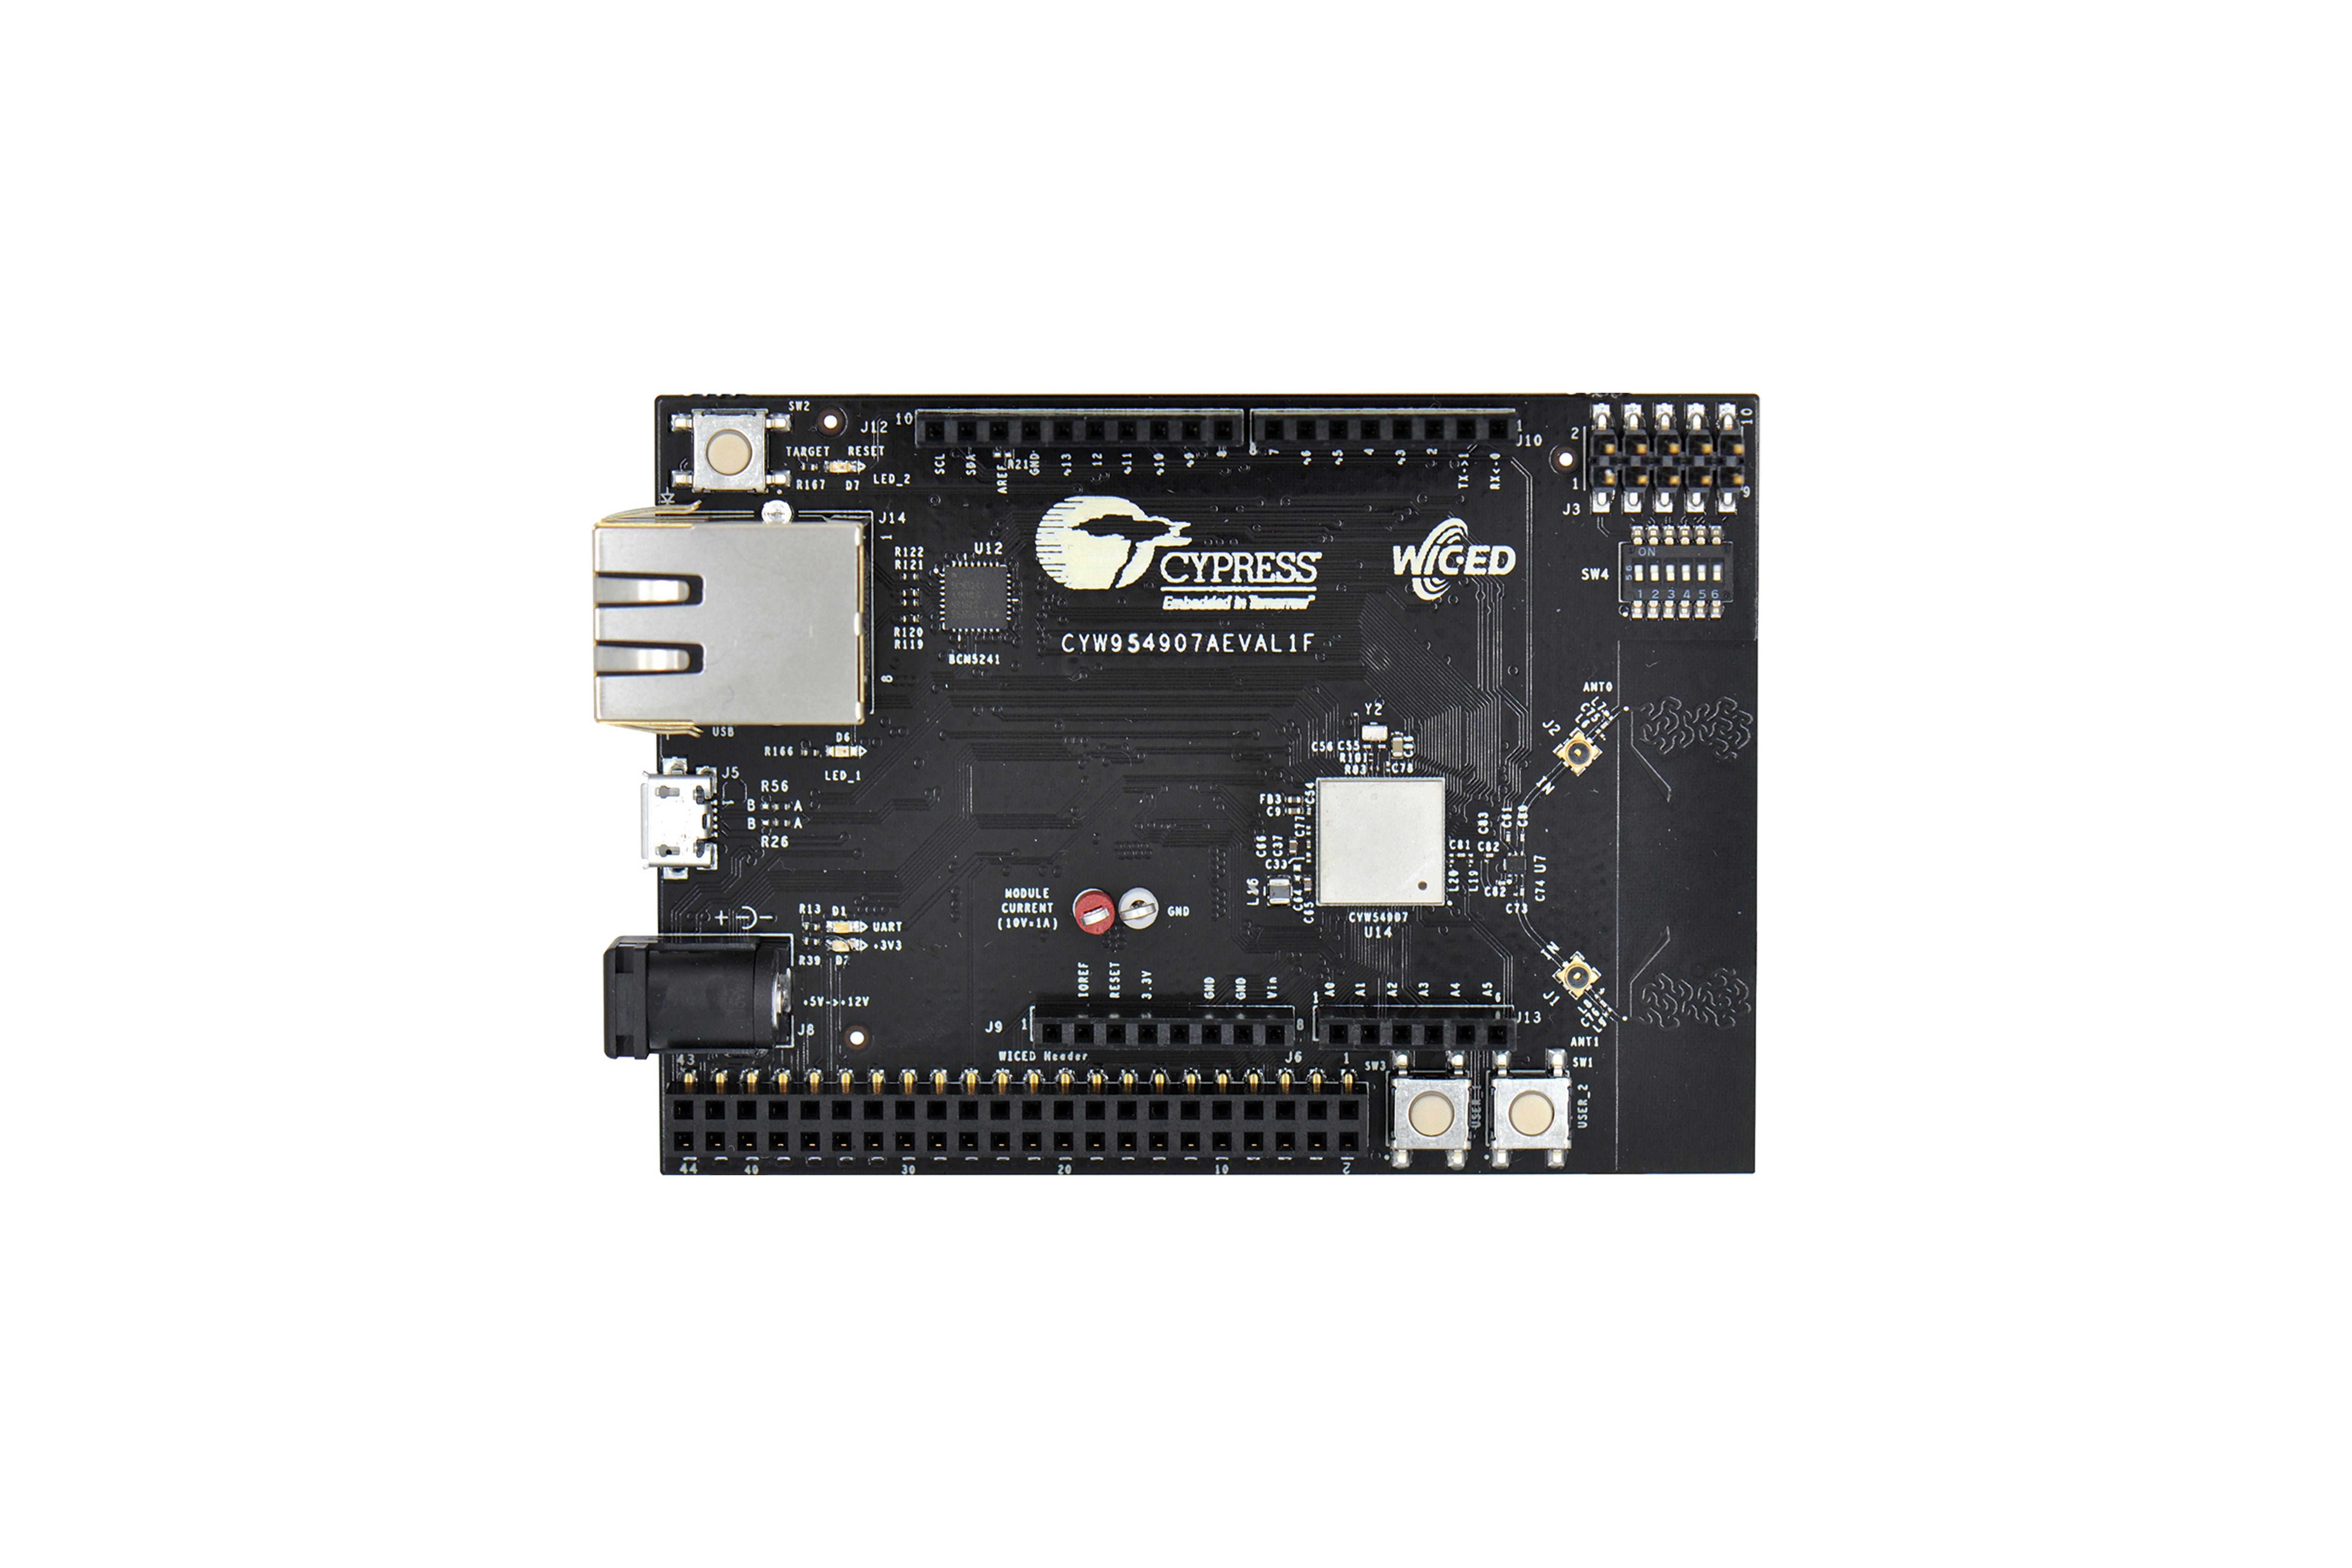 CYW954907AEVAL1F, kit de développement pour CY